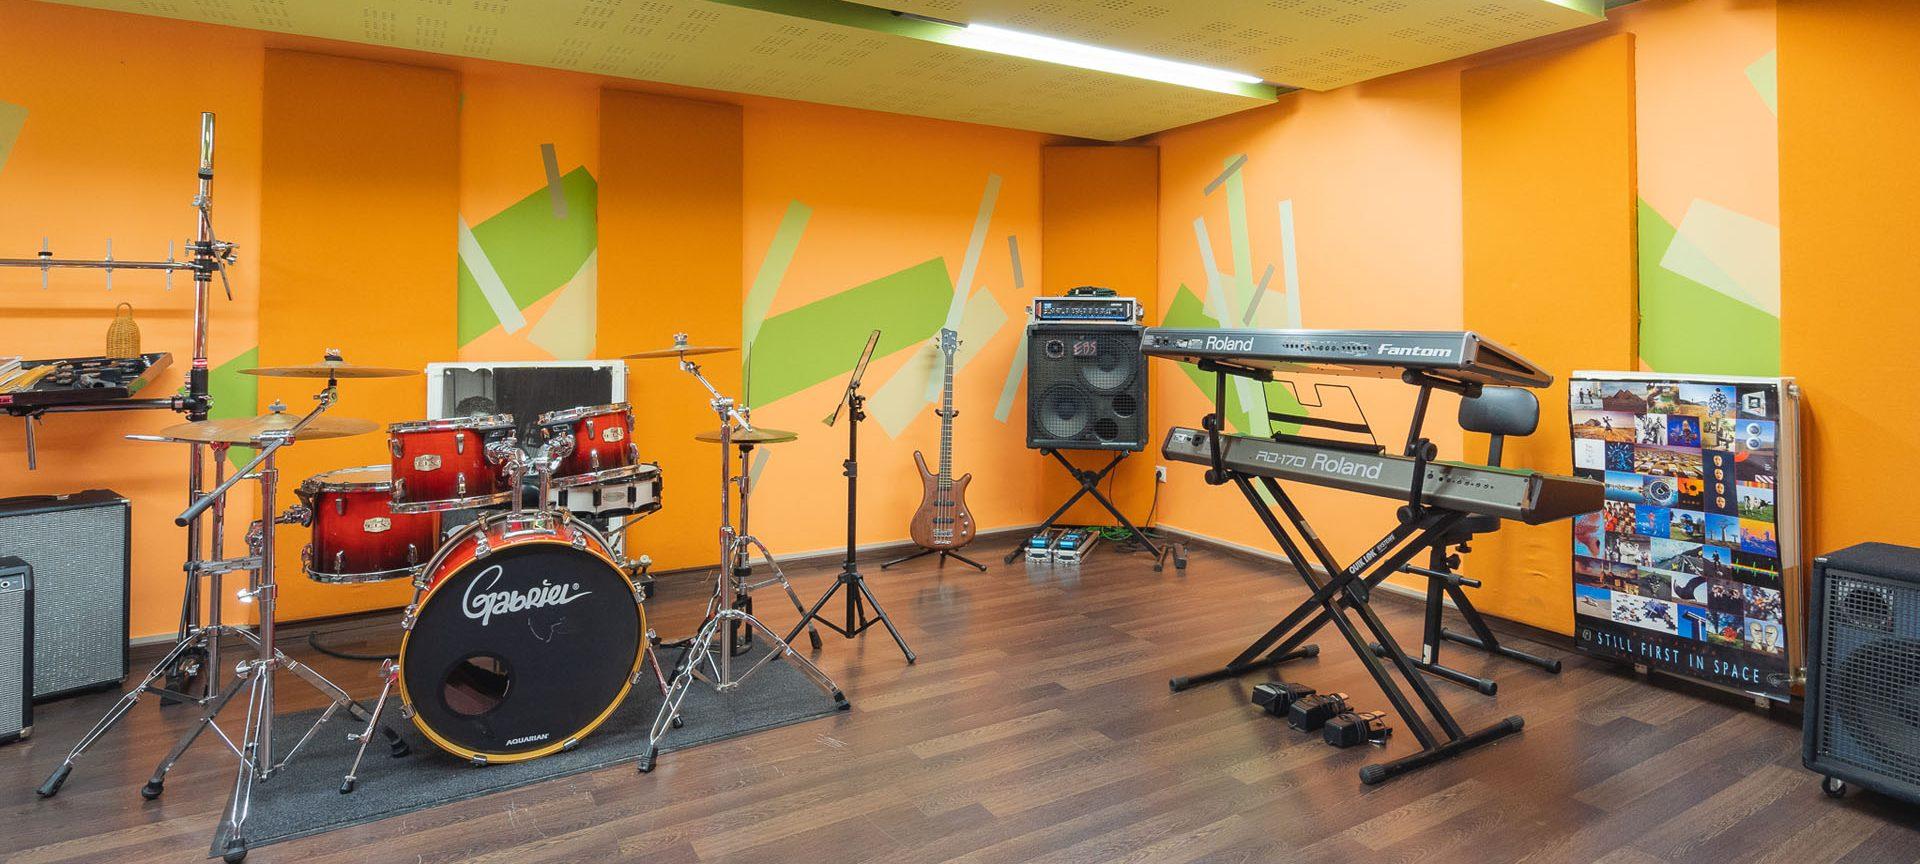 Ωδείο Πύλου - Μουσική - Χορός Πύλος - Εξοπλισμός